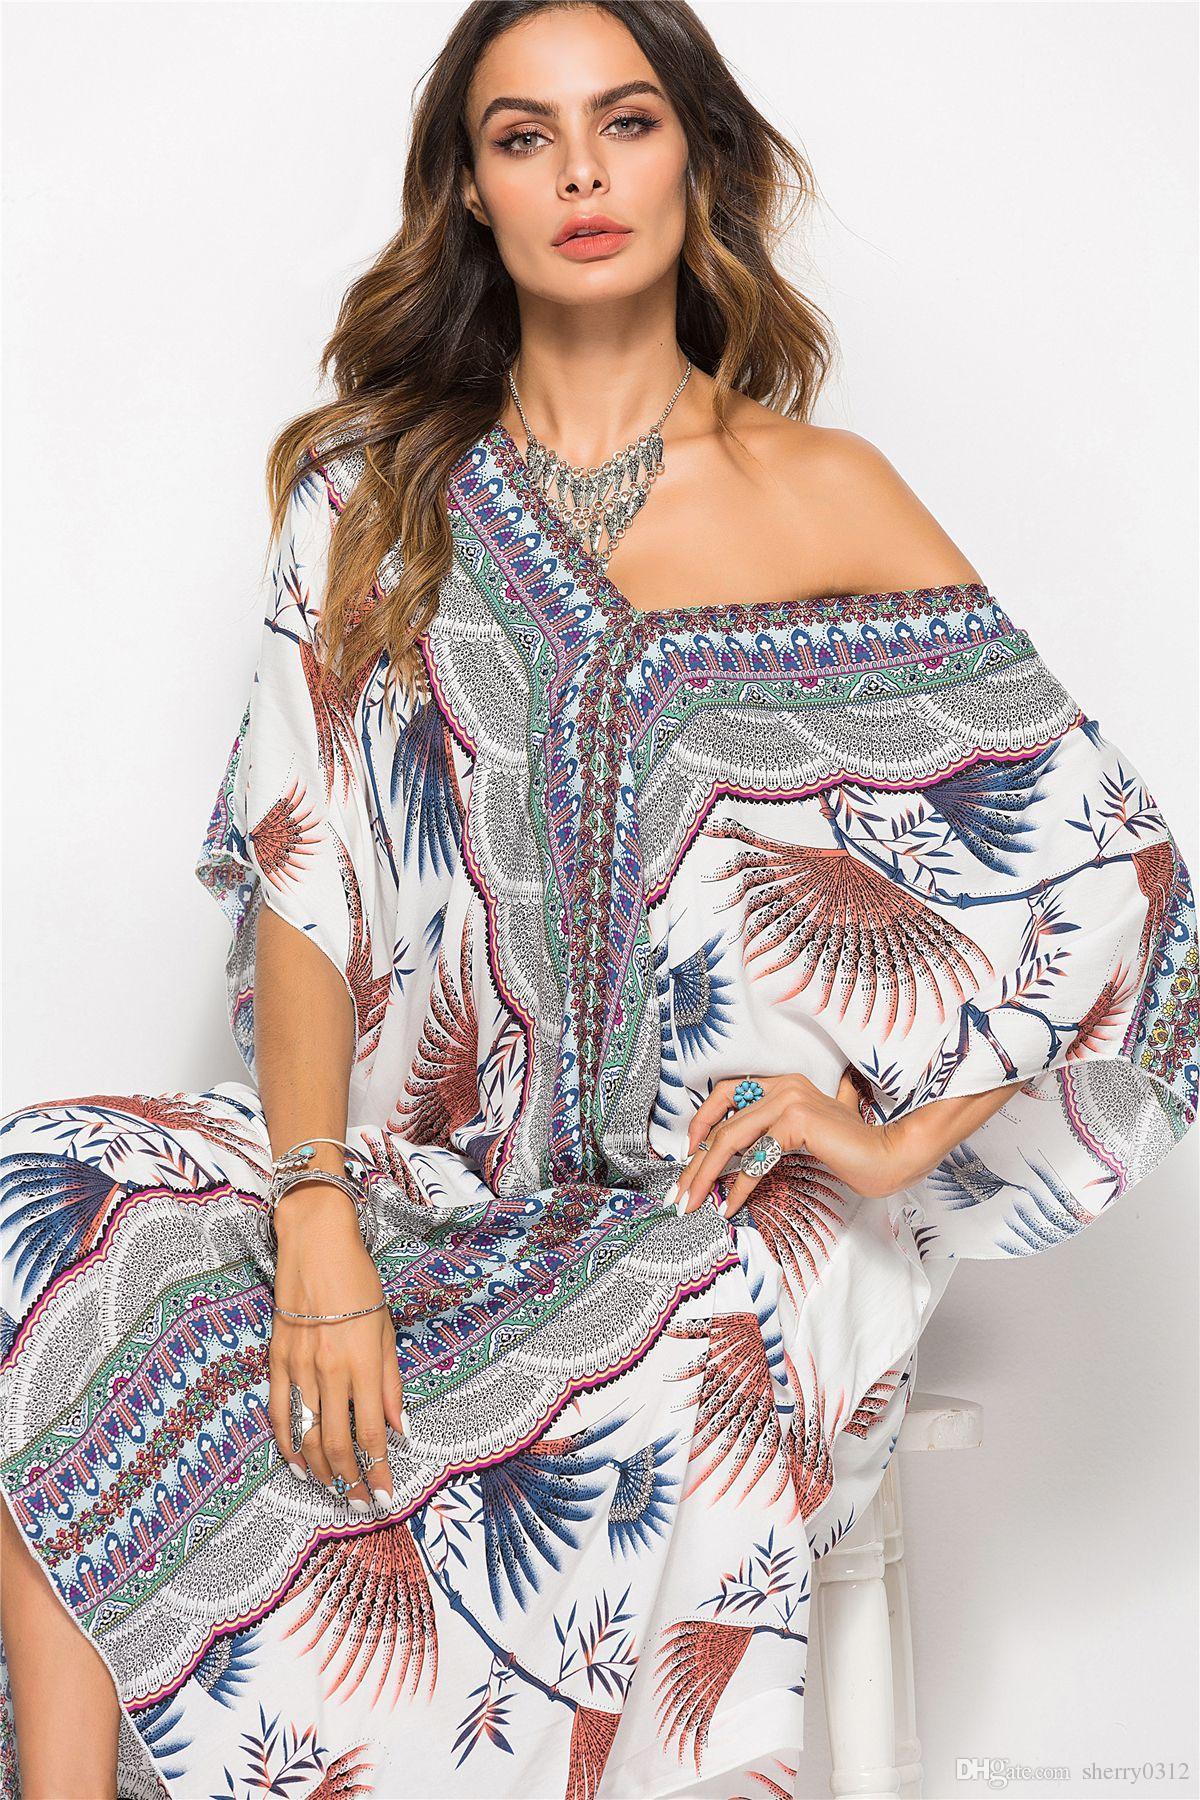 cc8ee31e4 Compre Nuevos Vestidos Bohemios 2019 Verano De Las Mujeres Vestido Bohemio  De La Playa De Boho Estampado Floral Bohemio Dividir Vendimia Étnico Traje  Femme ...